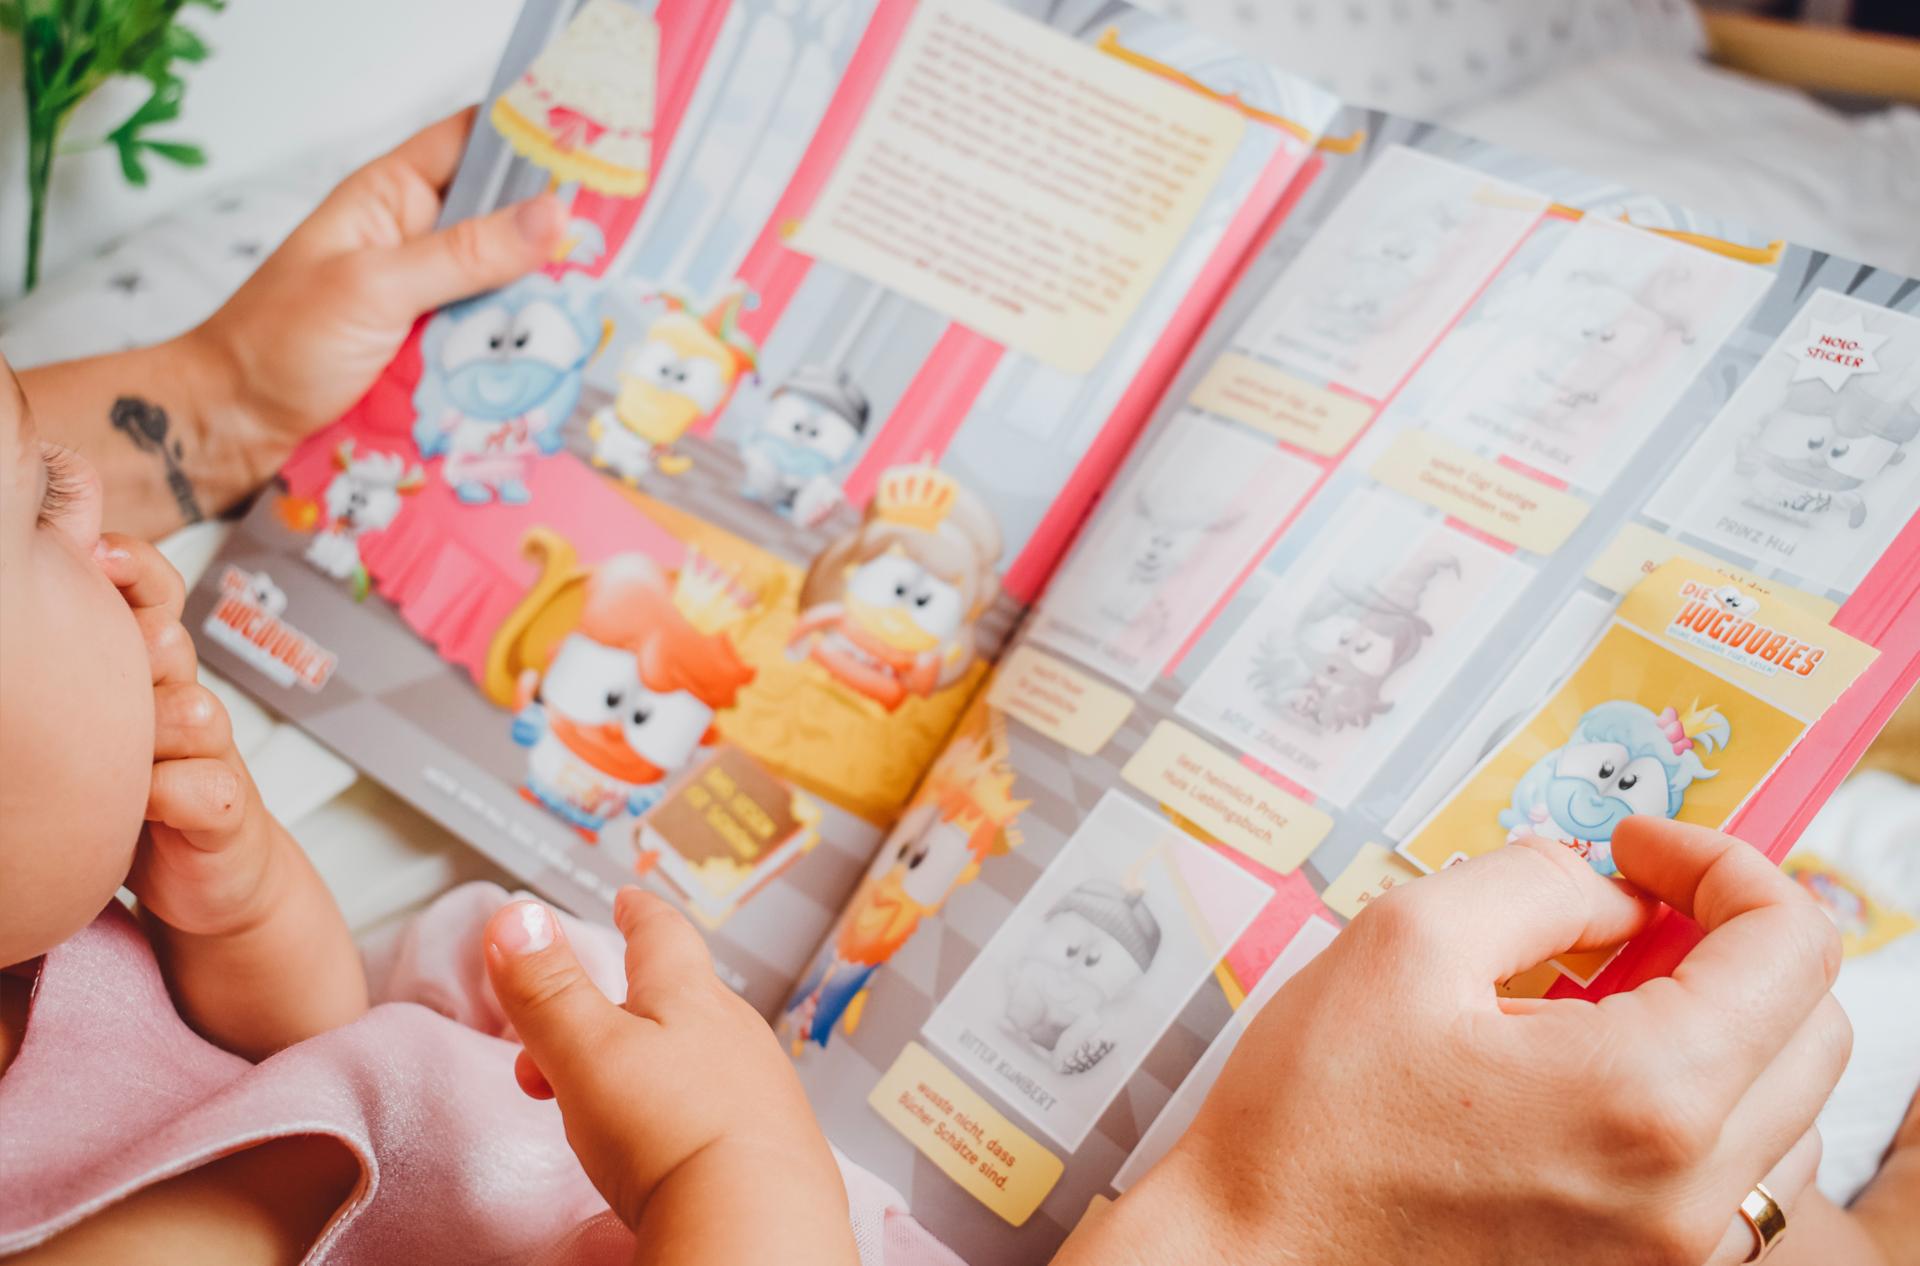 5 Tipps, wie ihr die Lese-Liebe eurer Kinder fördert inkl. gratis Stickeralbum von Hugendubel 8